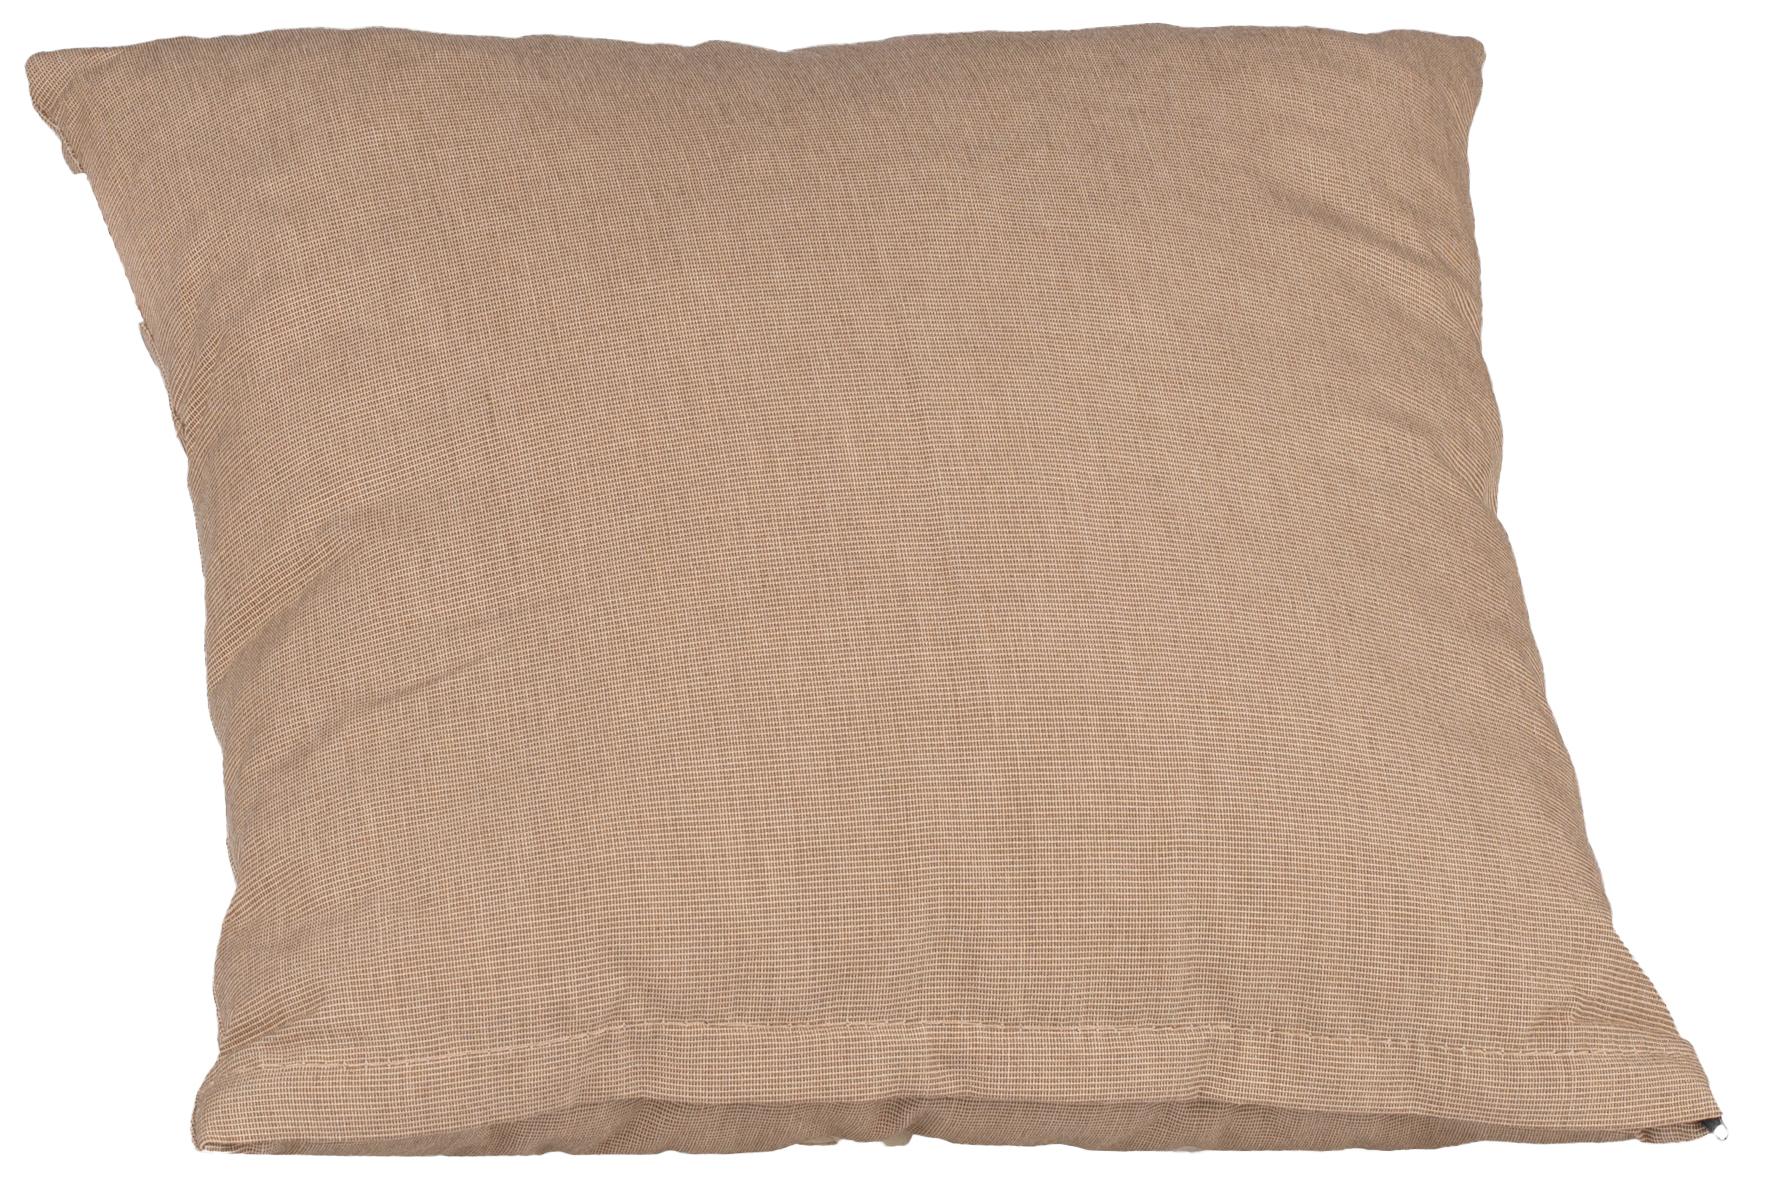 beo Cocktailkissen Rückenkissen quadratisch ca. 35x35cm in dunkelbeige mit Reissverschluss